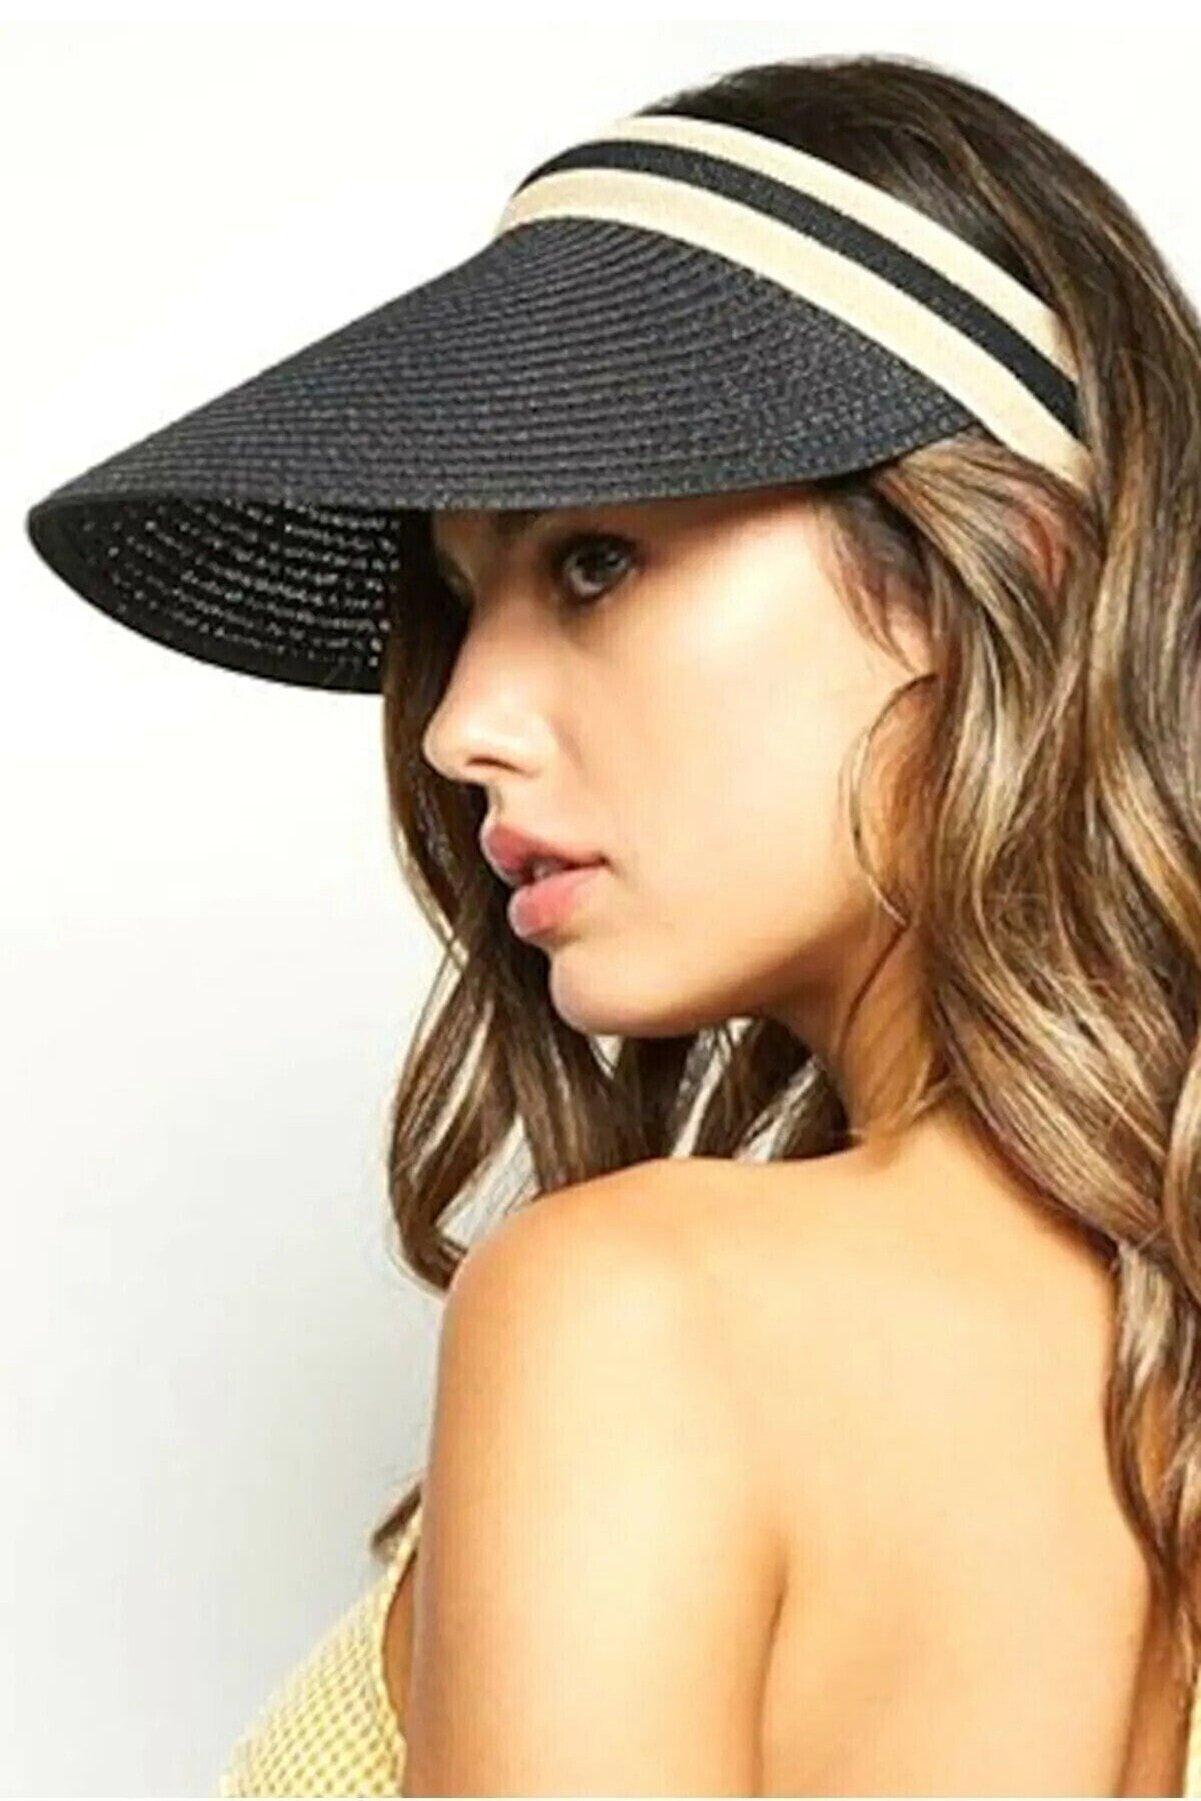 ESUSO Kadın Siyah Ayarlanabilir Siperlikli Hasır Vizör Şapka